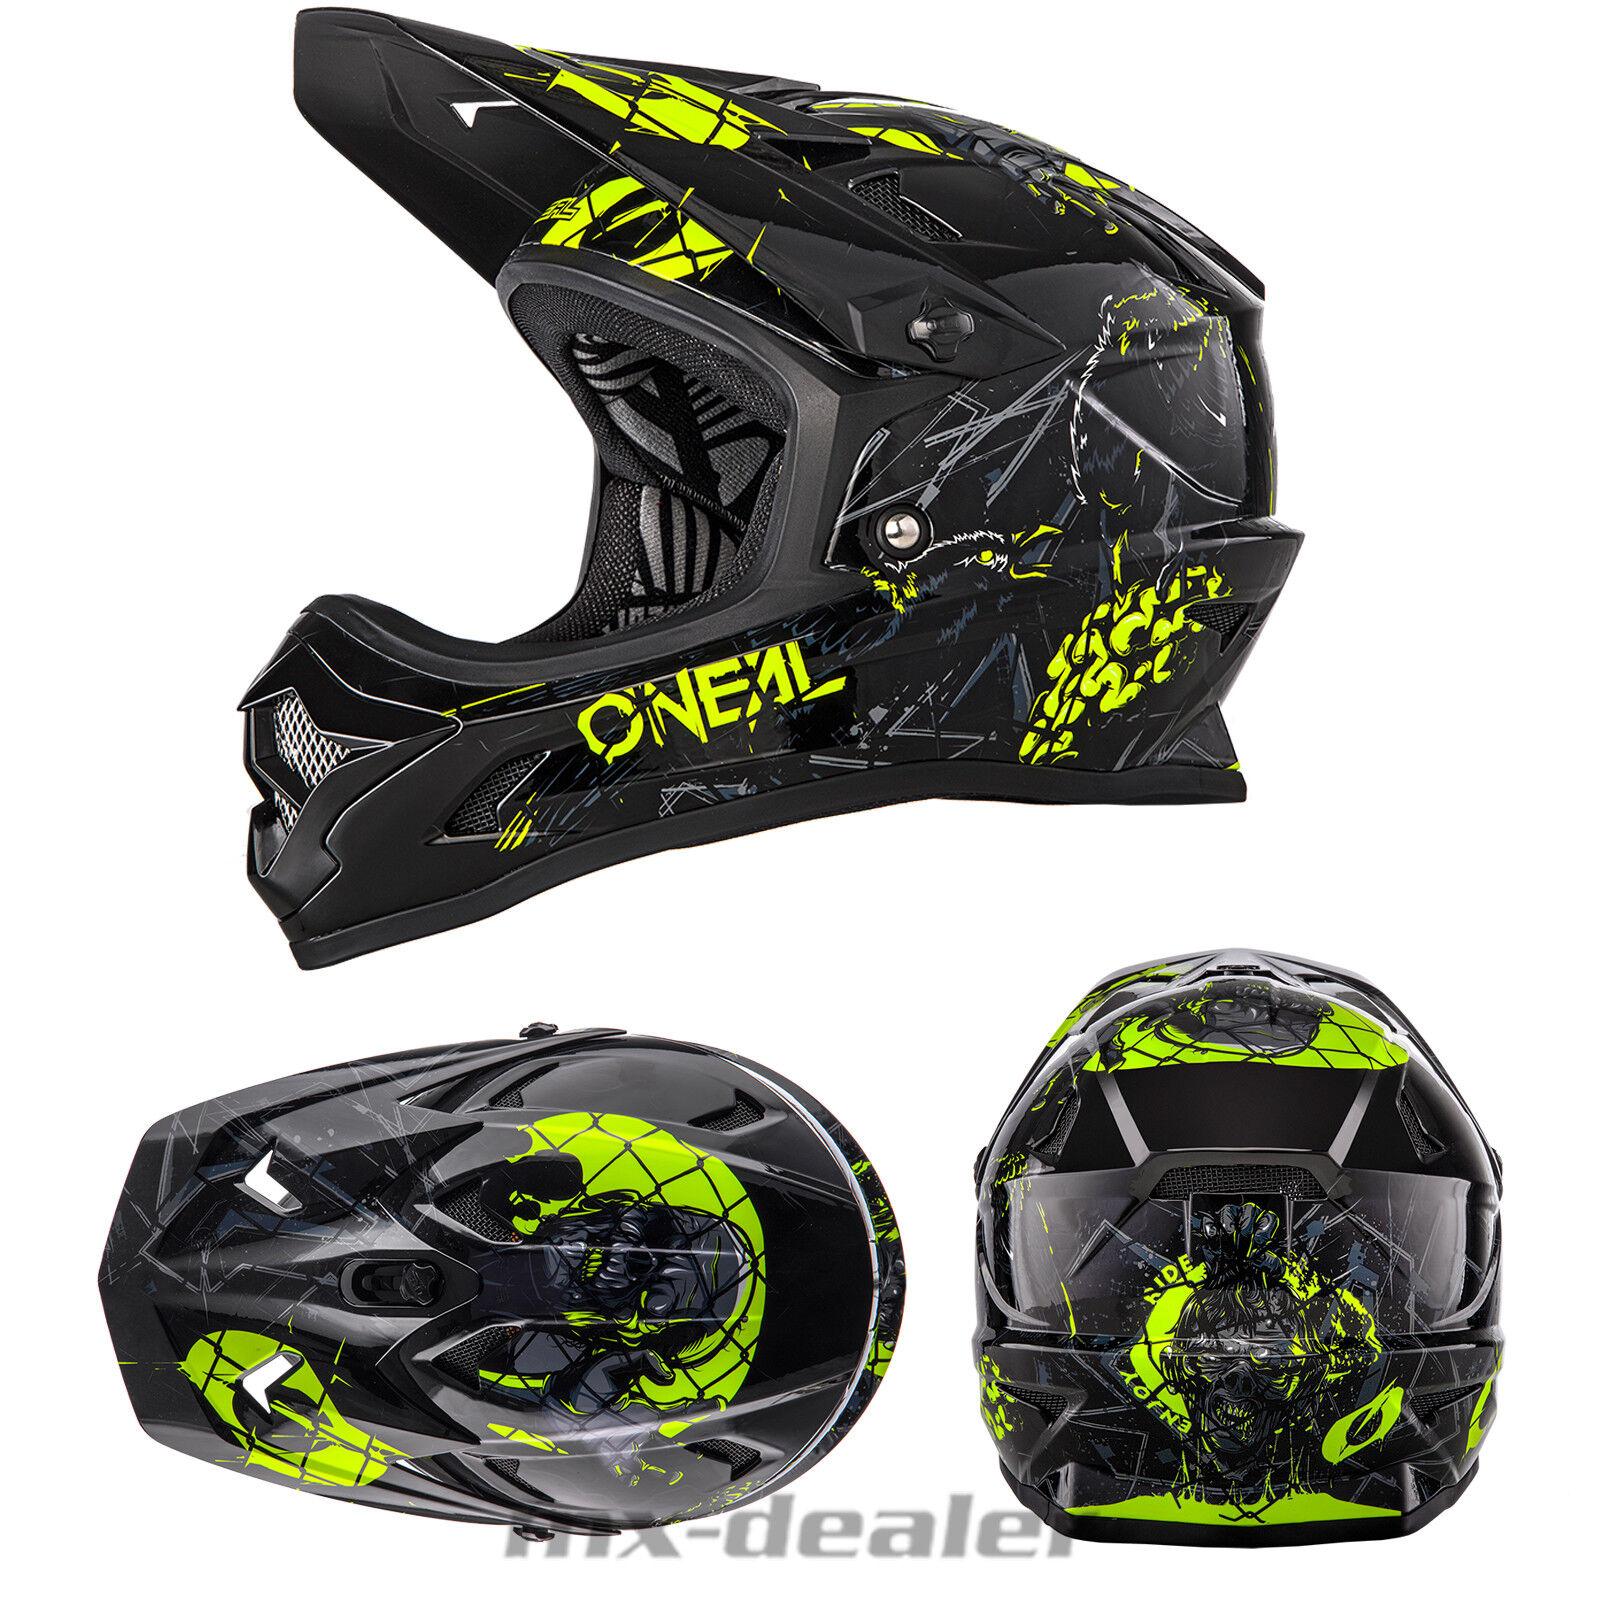 2019 Oneal Backflip Rl 2 Zombi Negro Dh Bmx Bicicleta de Montaña Casco MTB